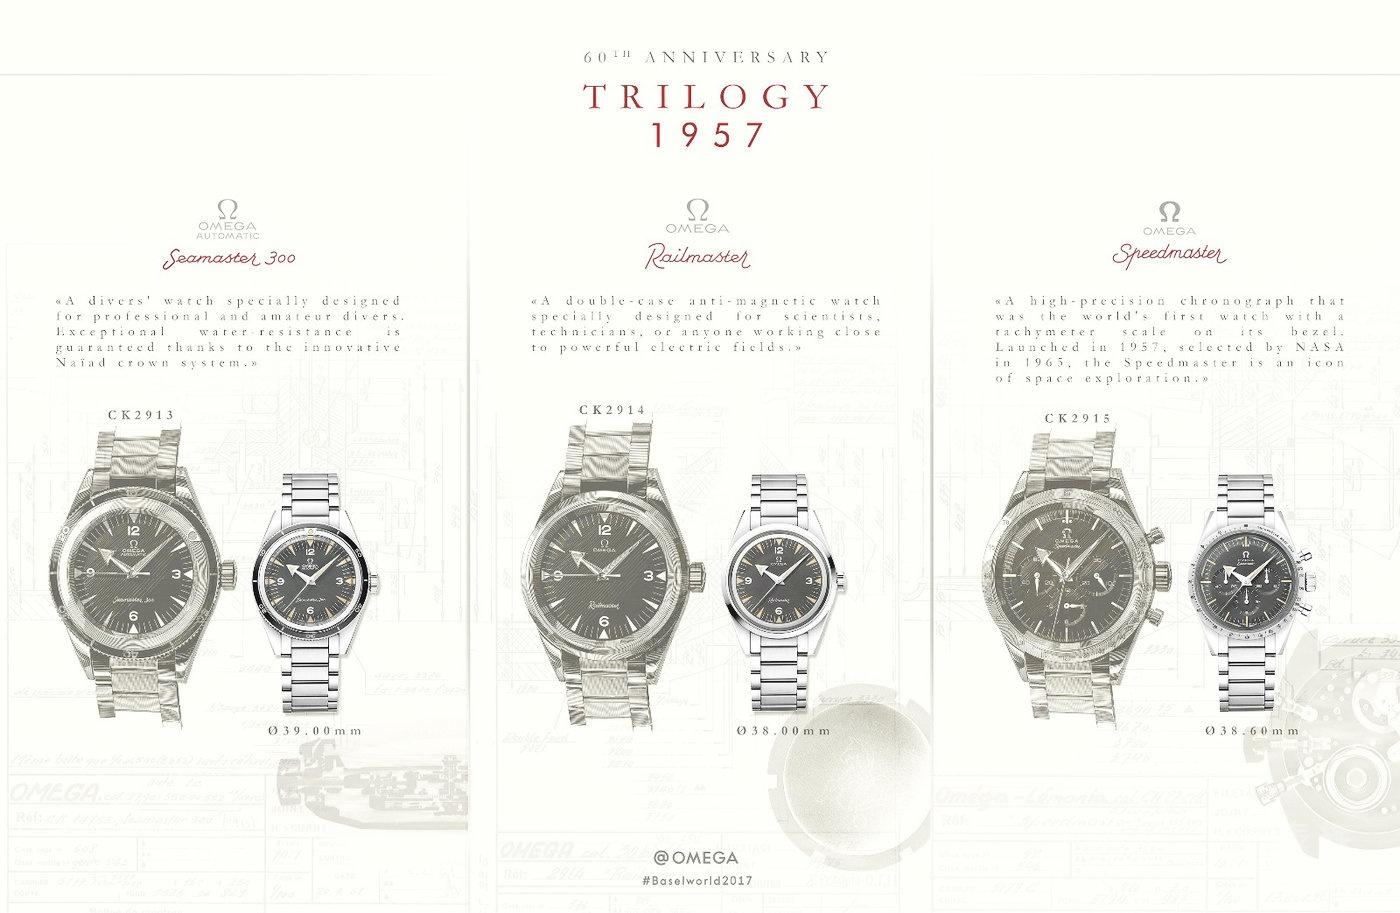 【2017 巴塞尔钟表展新款】欧米茄1957年三大经典腕表限量版套装